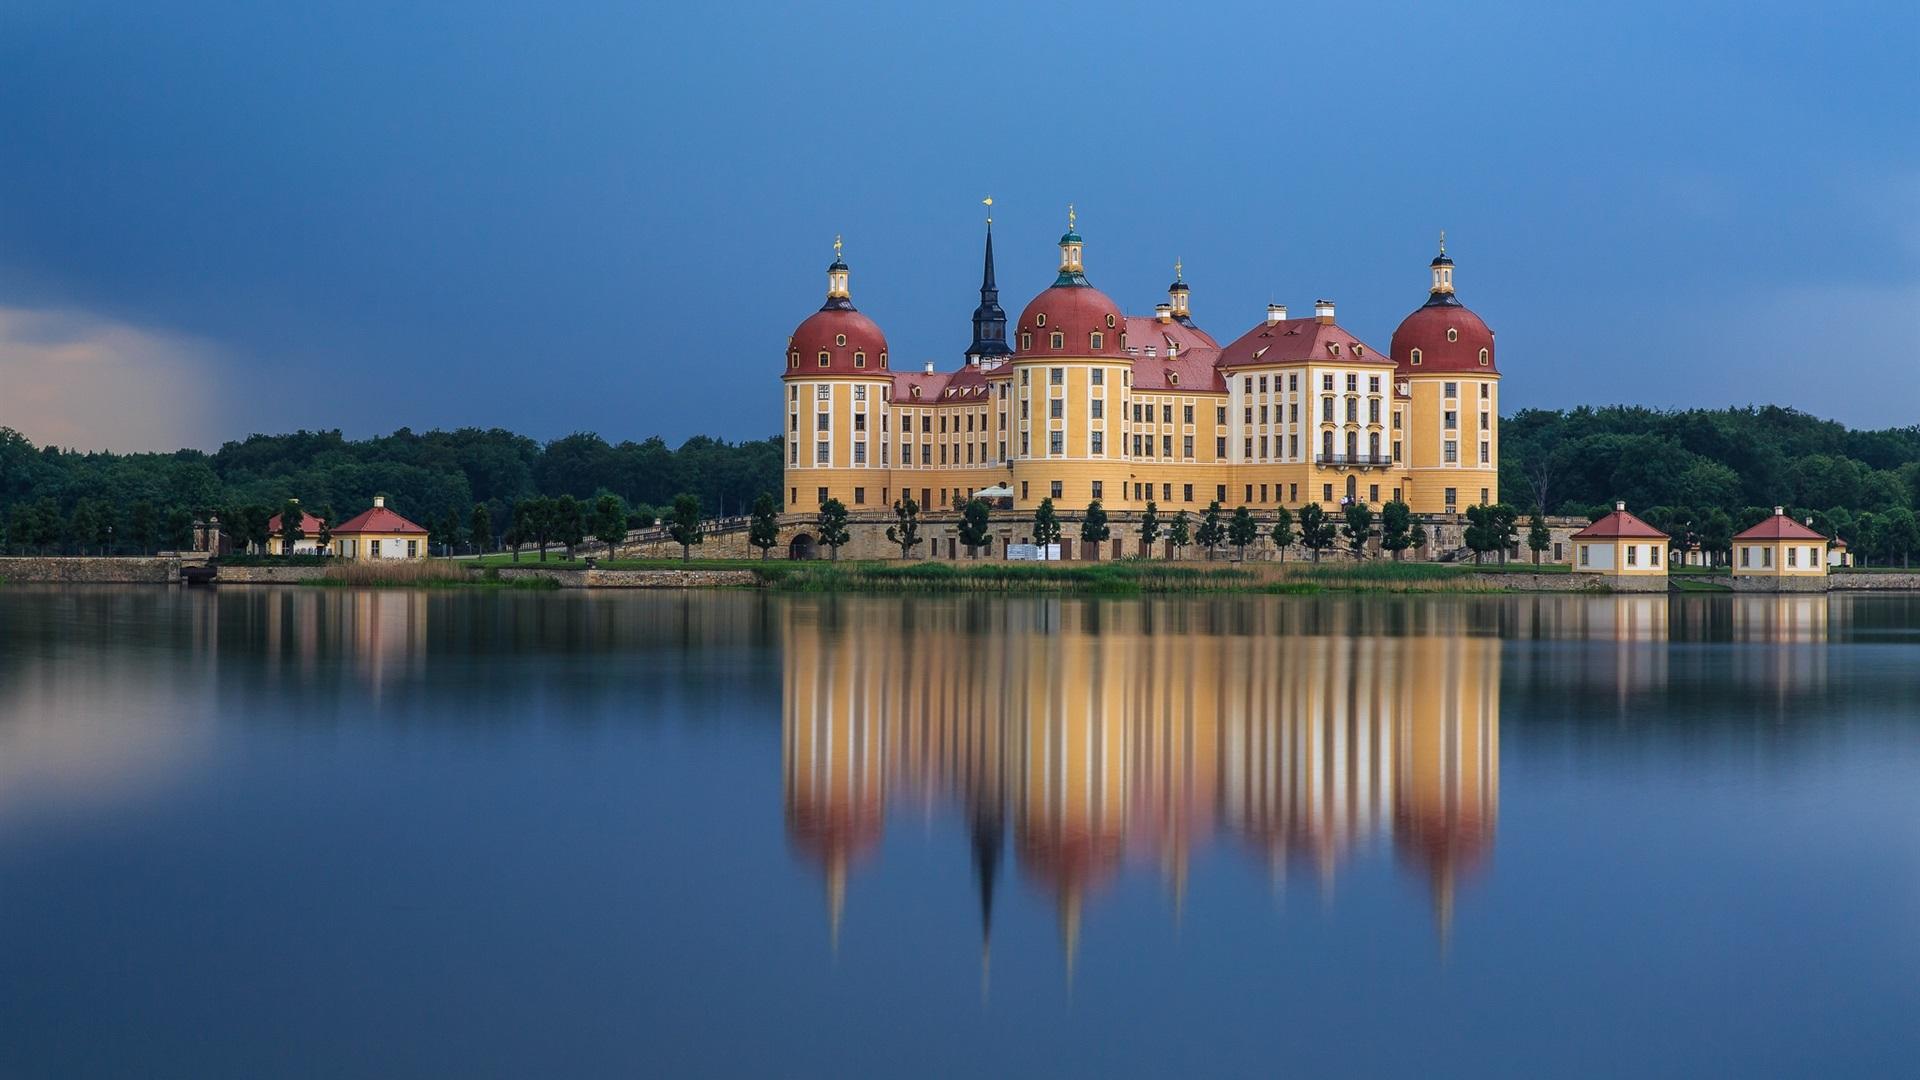 General 1920x1080 lake nature sky blue forest Germany moritzburg castle house building landscape